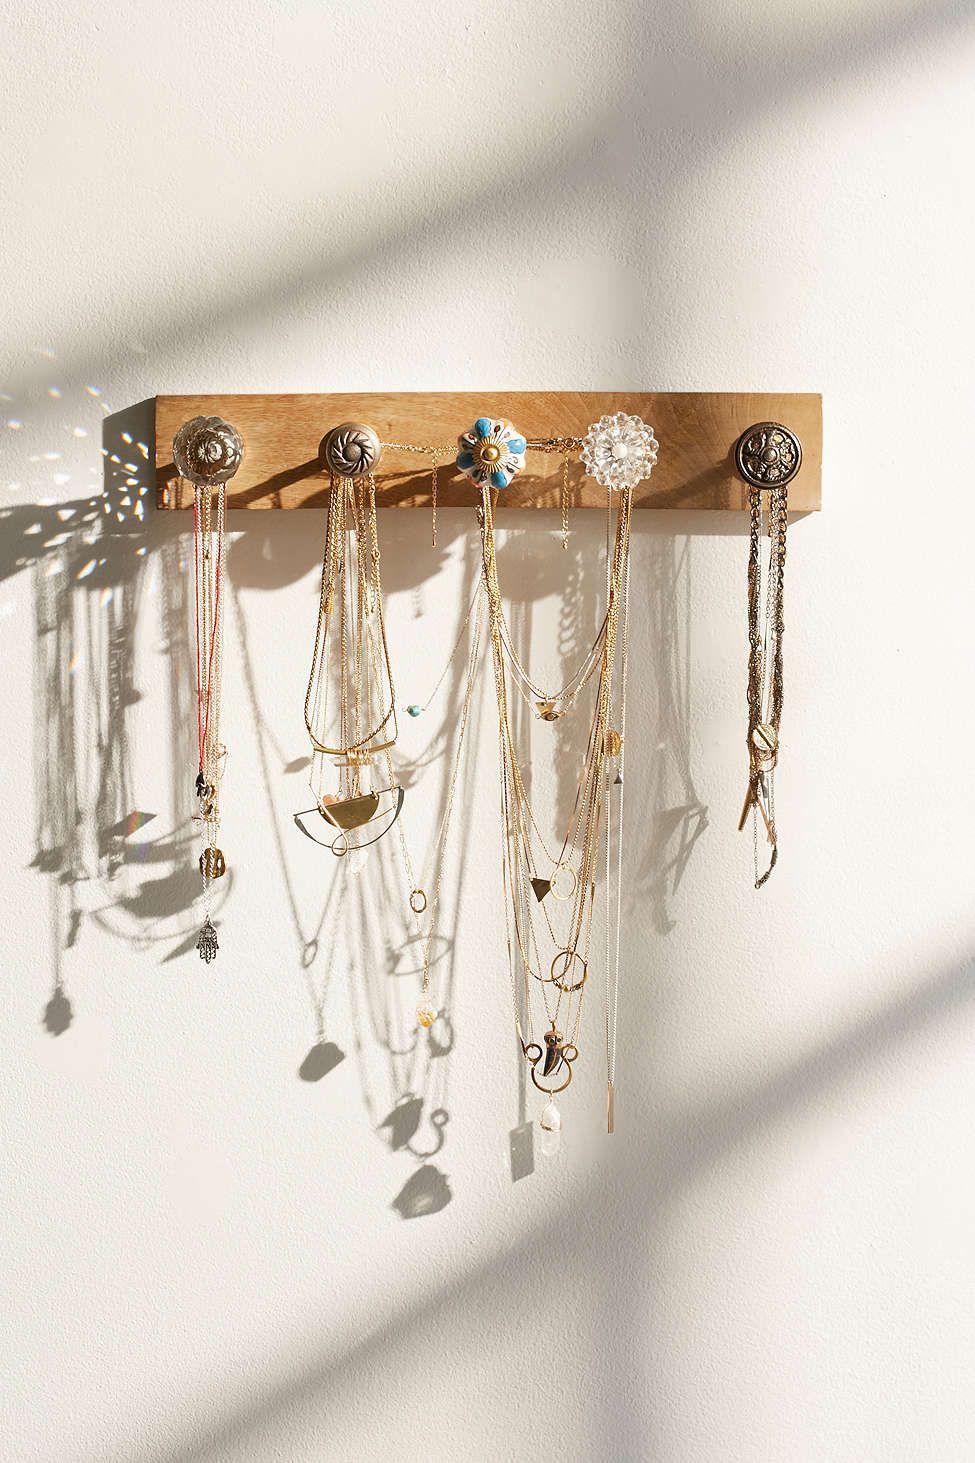 pinterest hateuandurbrows bijoux colliers braceletsfantaisie cadeauxbijoux paris bijoux. Black Bedroom Furniture Sets. Home Design Ideas